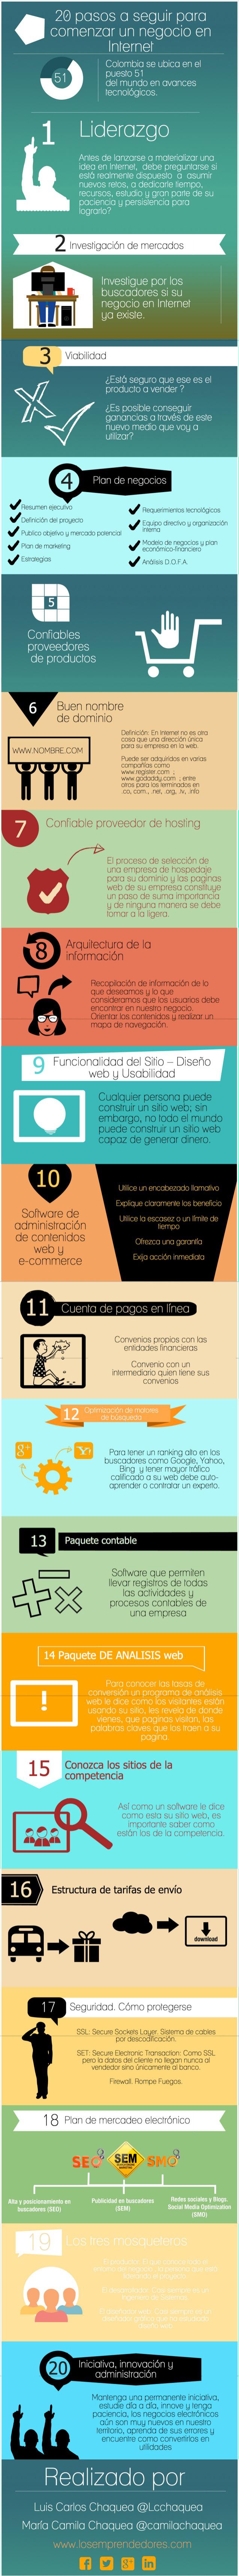 XXCómo crear un negocio en Internet en 20 pasos #Infografía